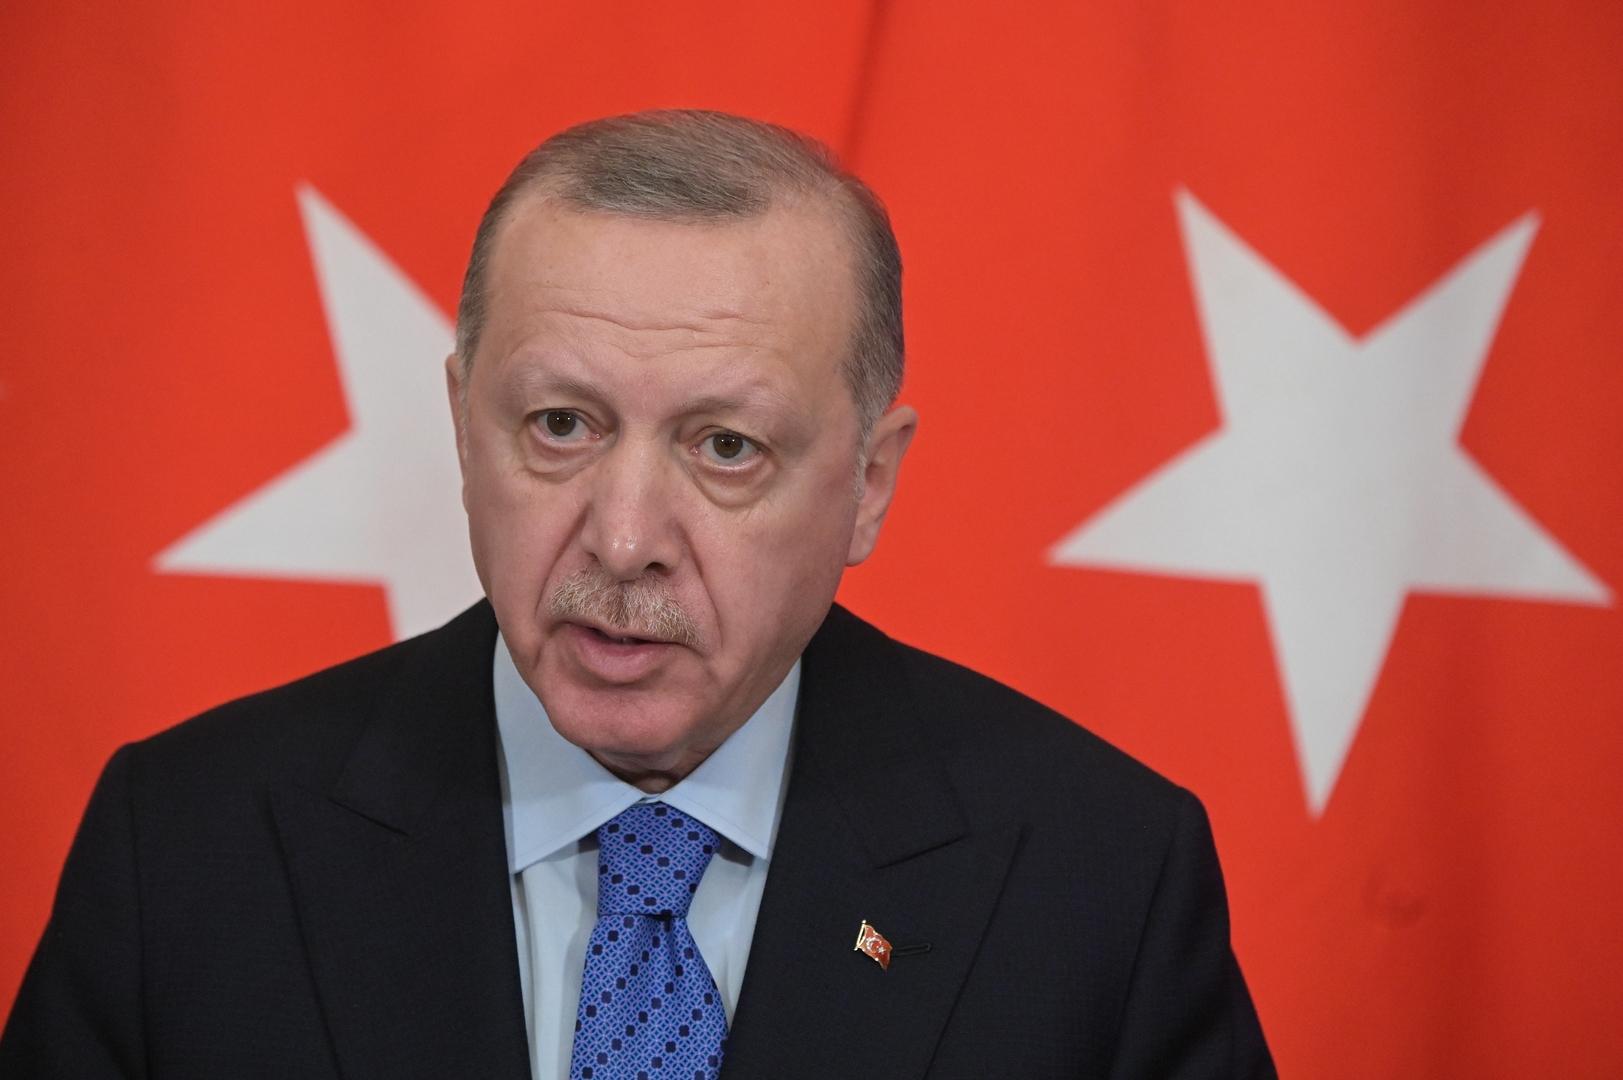 دار الإفتاء المصرية: أردوغان لا صلة له بفتح القسطنطينية